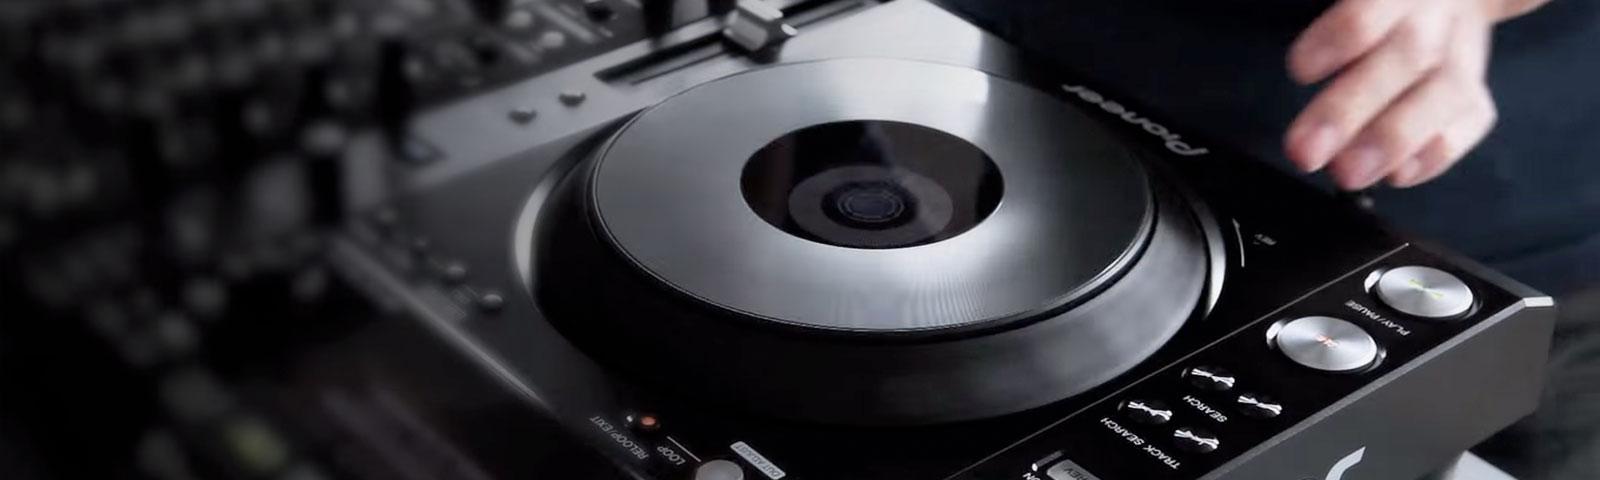 cdj-850-header-img